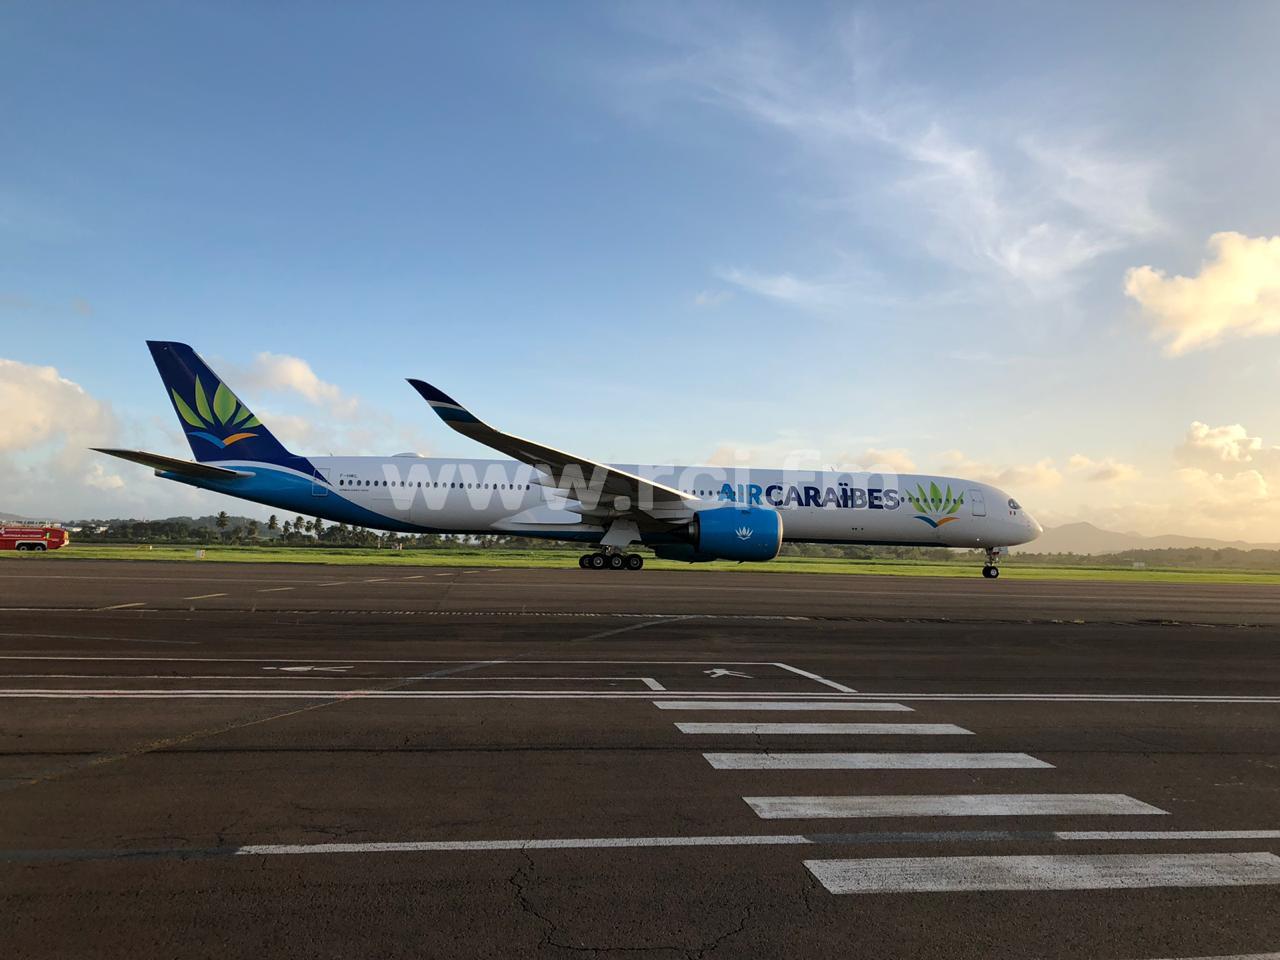 Le tout premier Airbus 350-1000 d'Air Caraïbes arrivé hier en Martinique